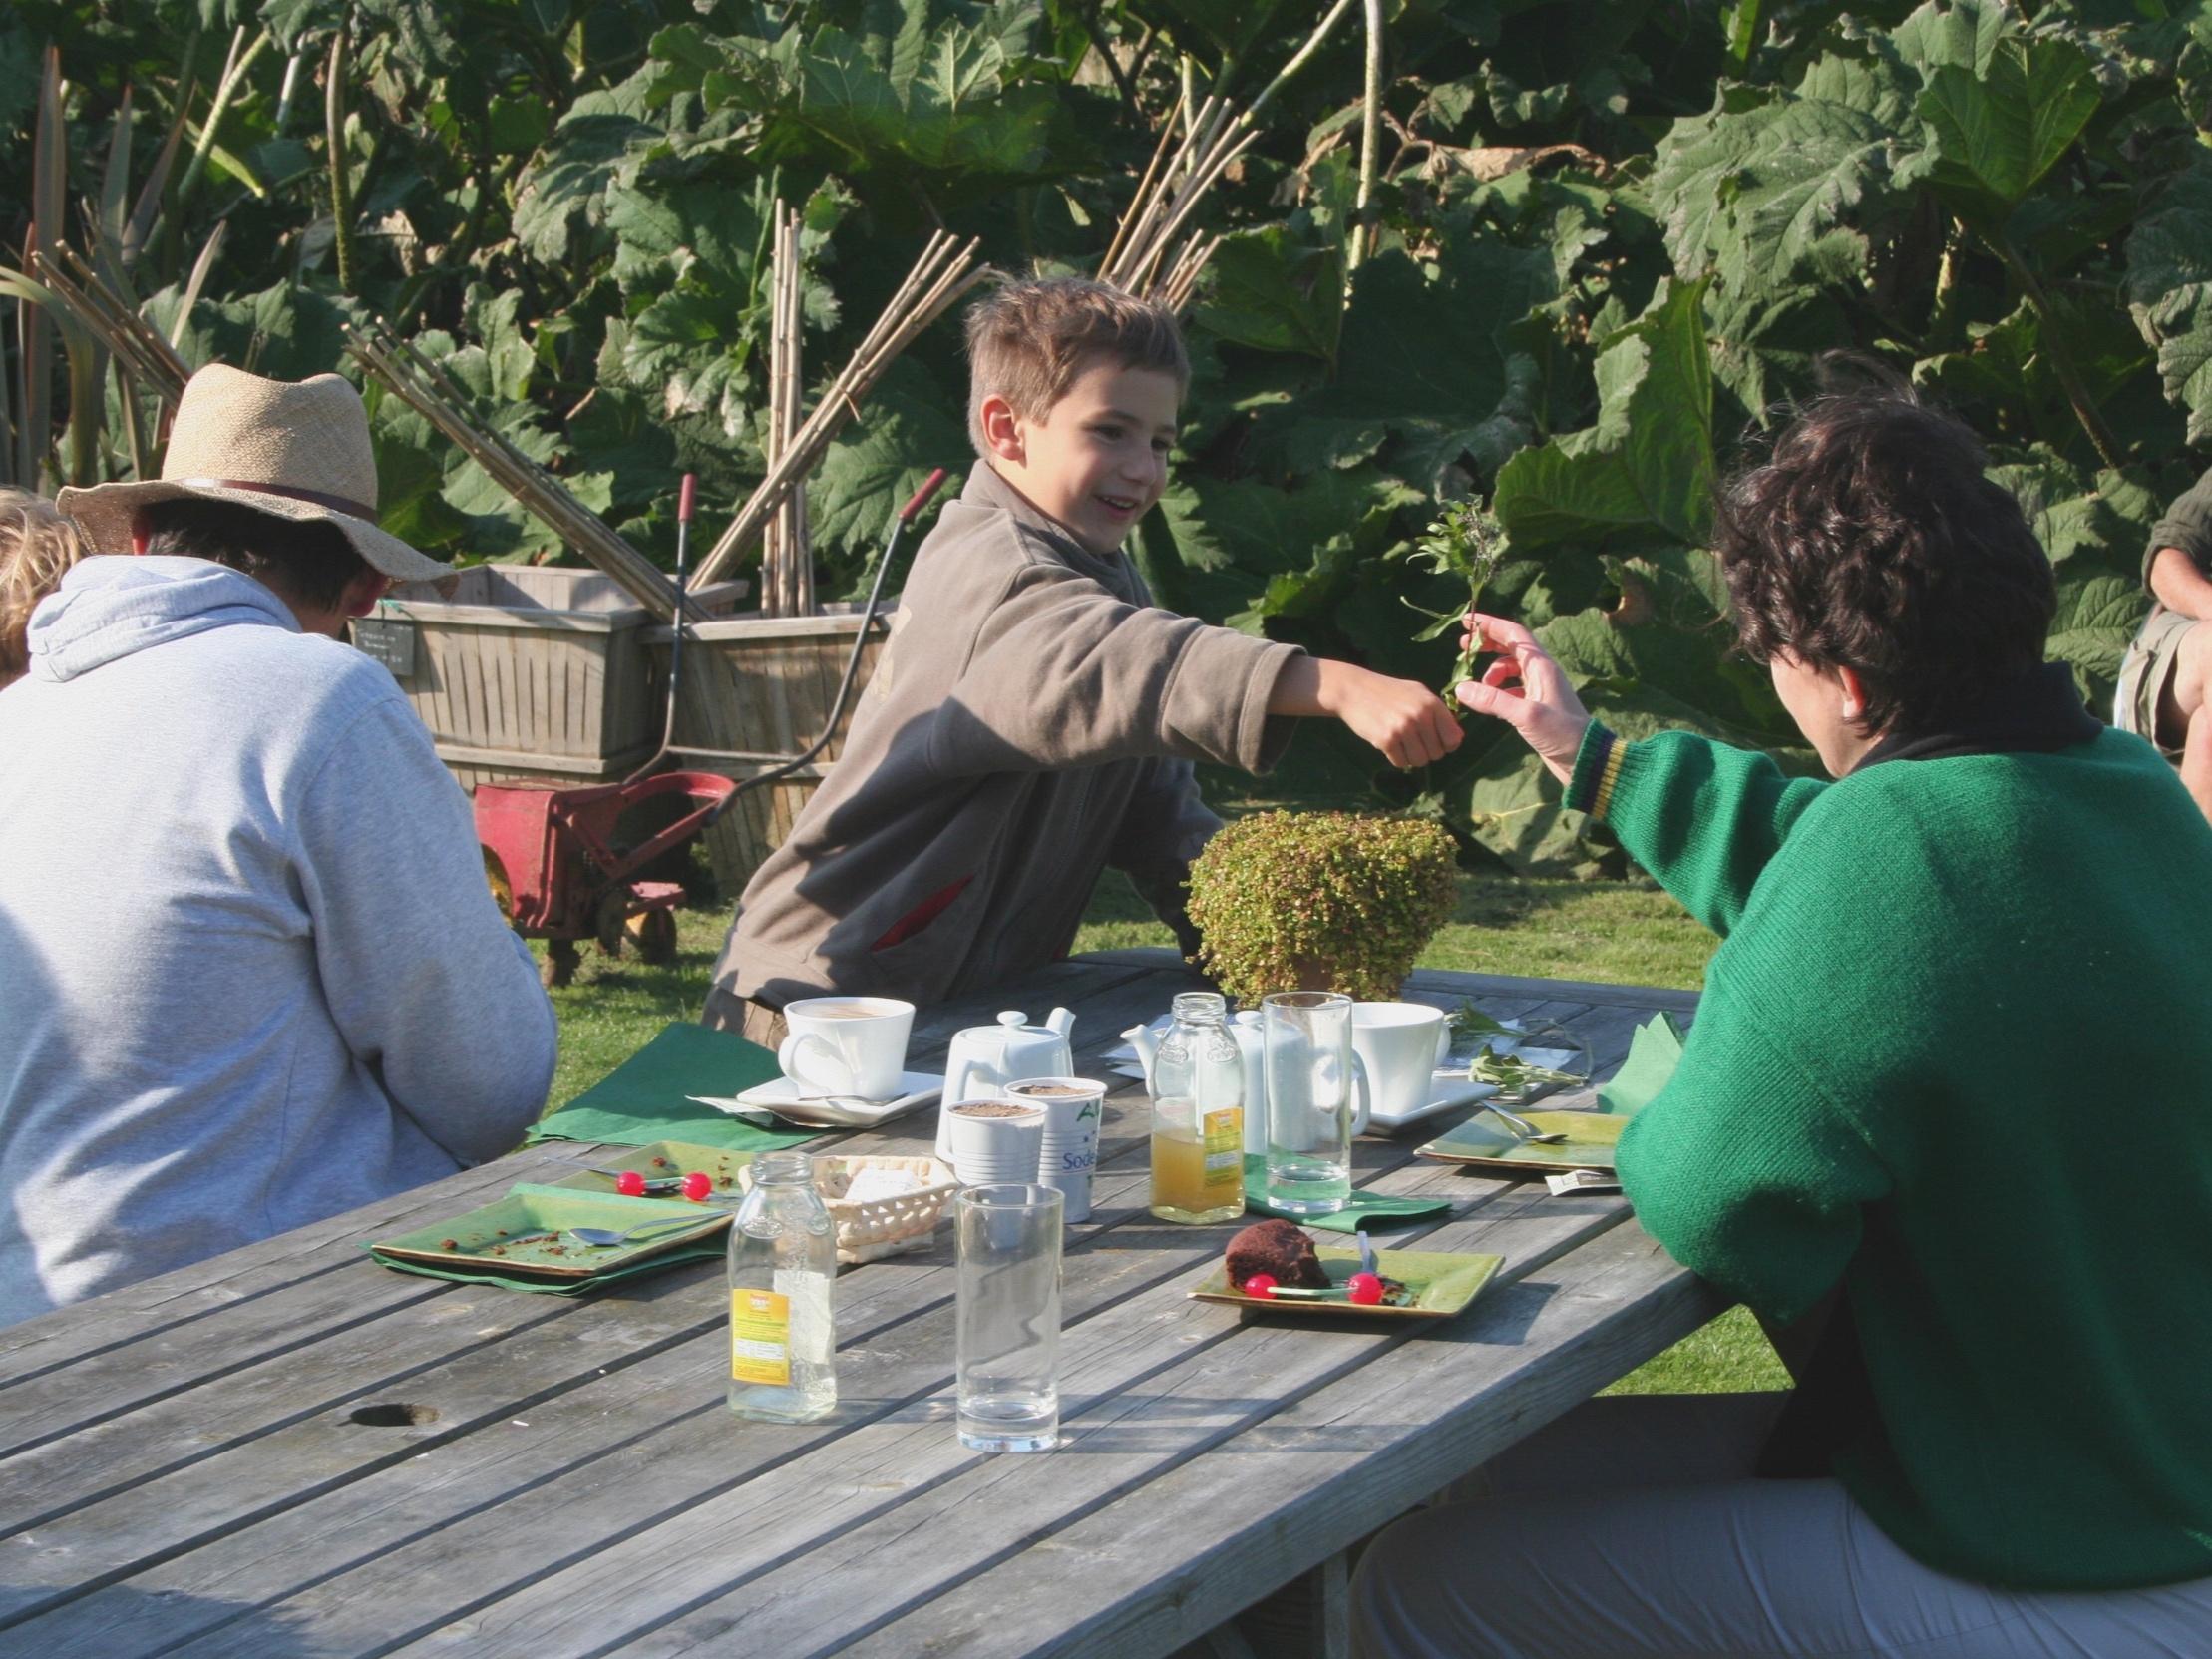 Salon de thé / Tea room - Le Comptoir du Jardinier propose une carte variée de thés et de produits locaux bio qui accompagneront la fameuse pâtisserie aux pommes